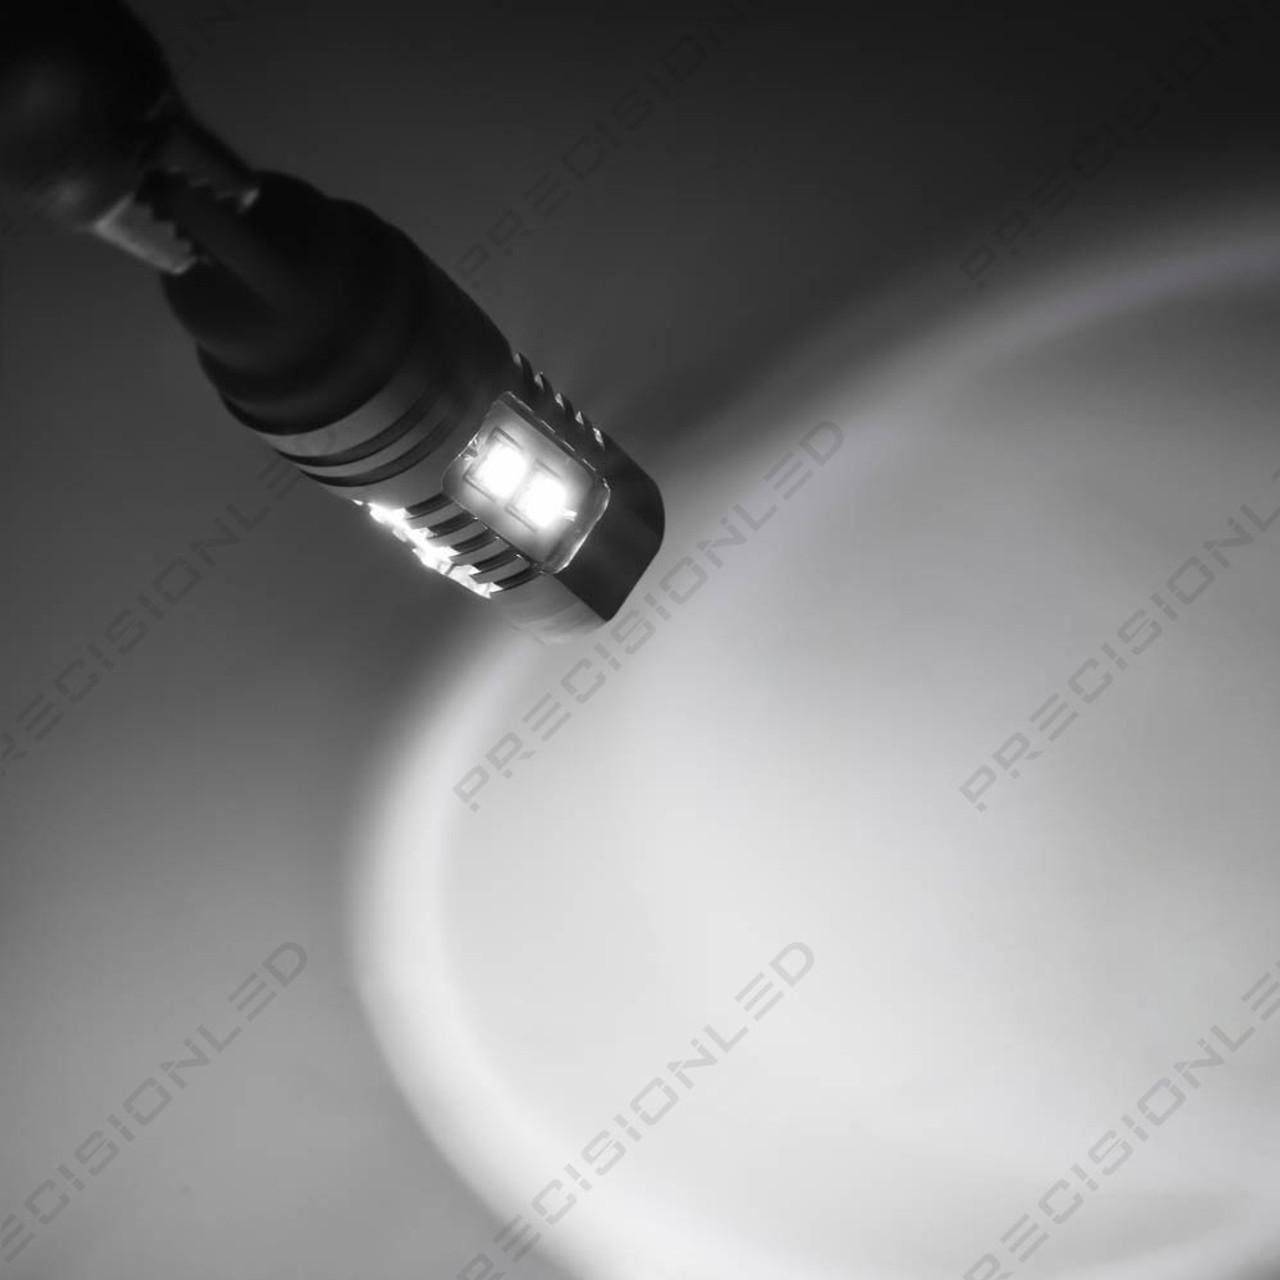 Chrysler Aspen LED Backup Reverse Lights (2007-2009)